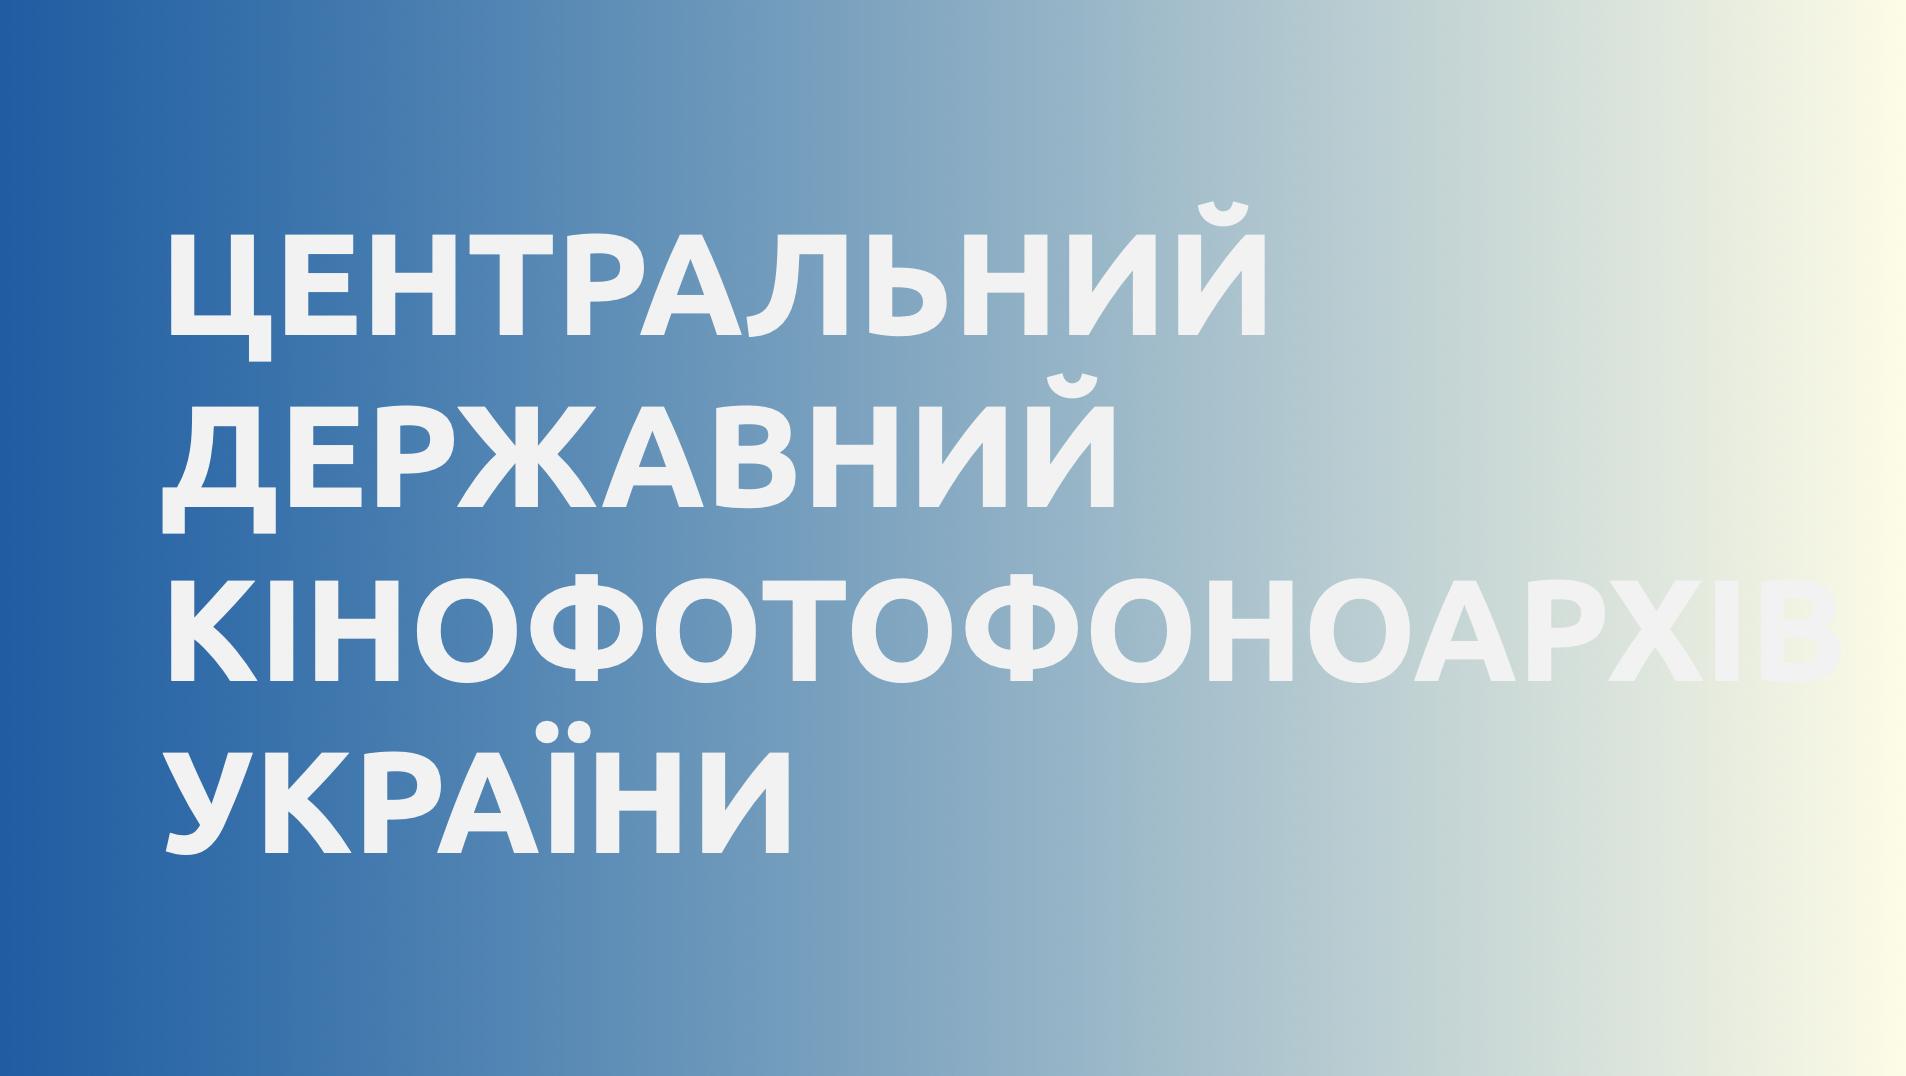 Центральний державний кінофотофоноархів України імені Г.С.Пшеничного